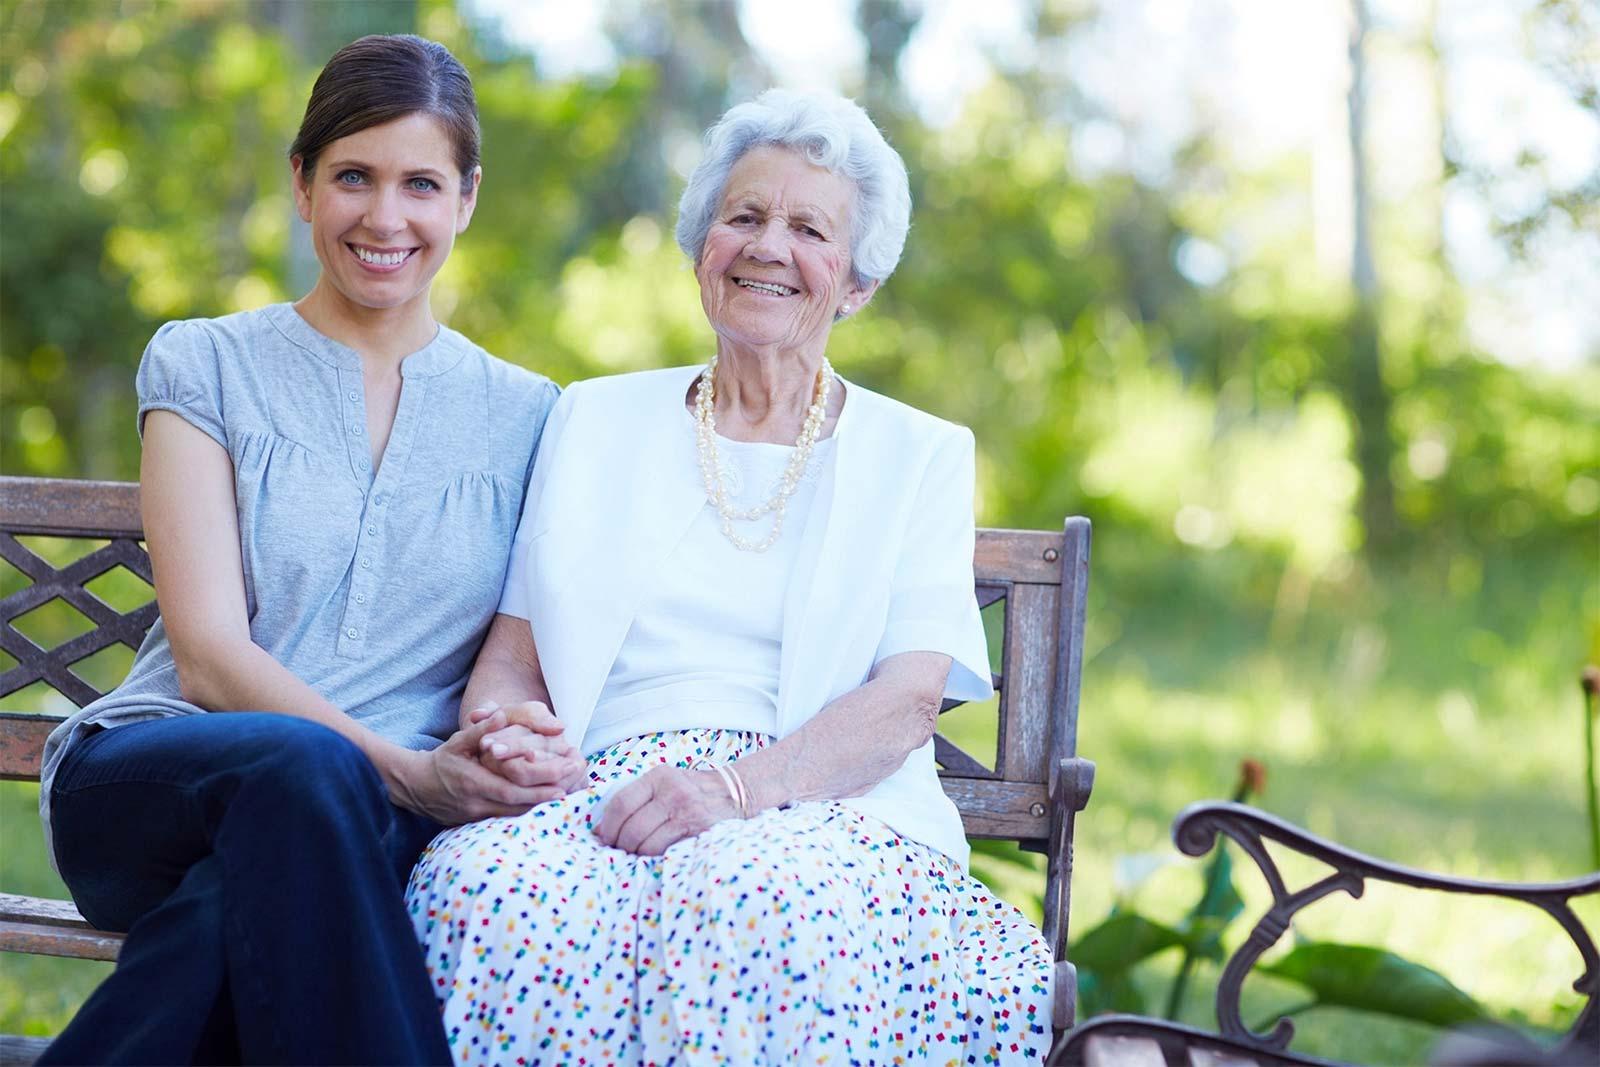 Seniors Dating Online Websites In Jacksonville